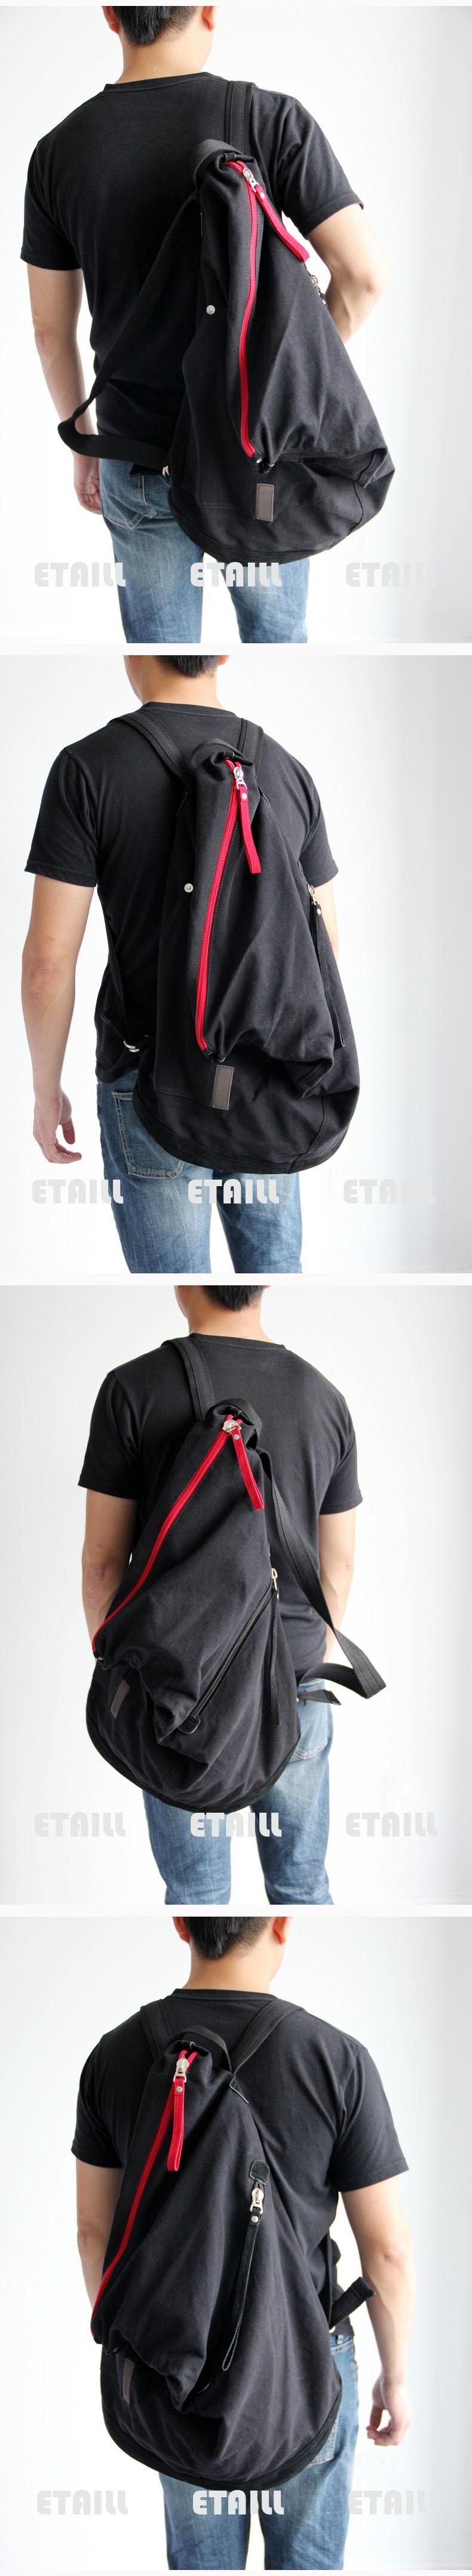 rucksack backpack bag